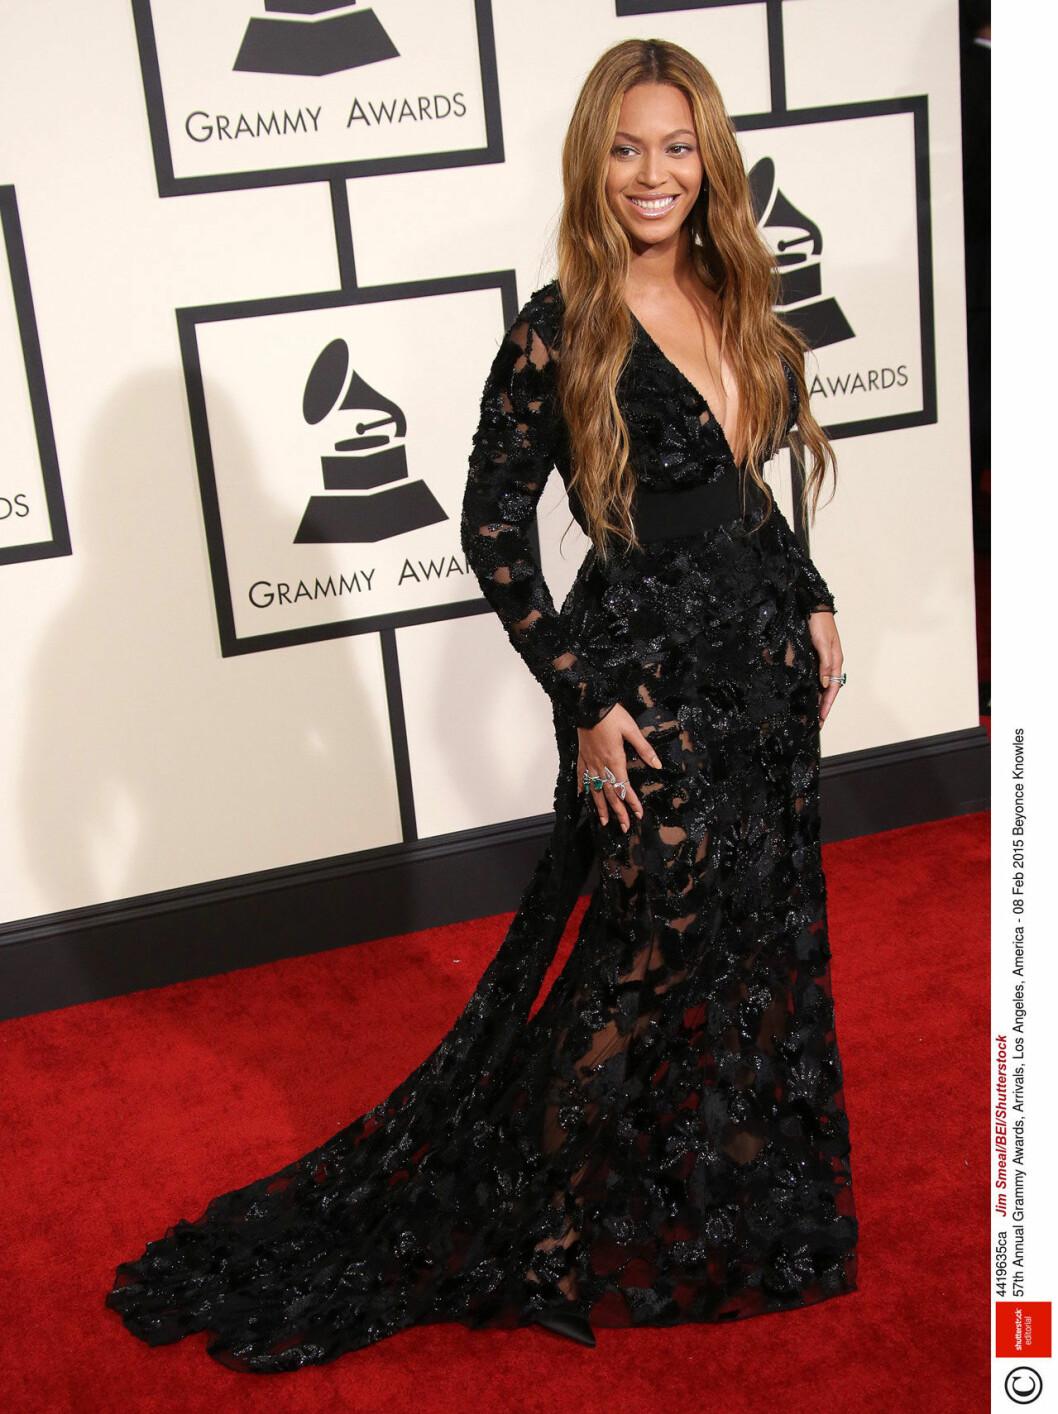 Beyonce i svart långklänning på röda mattan